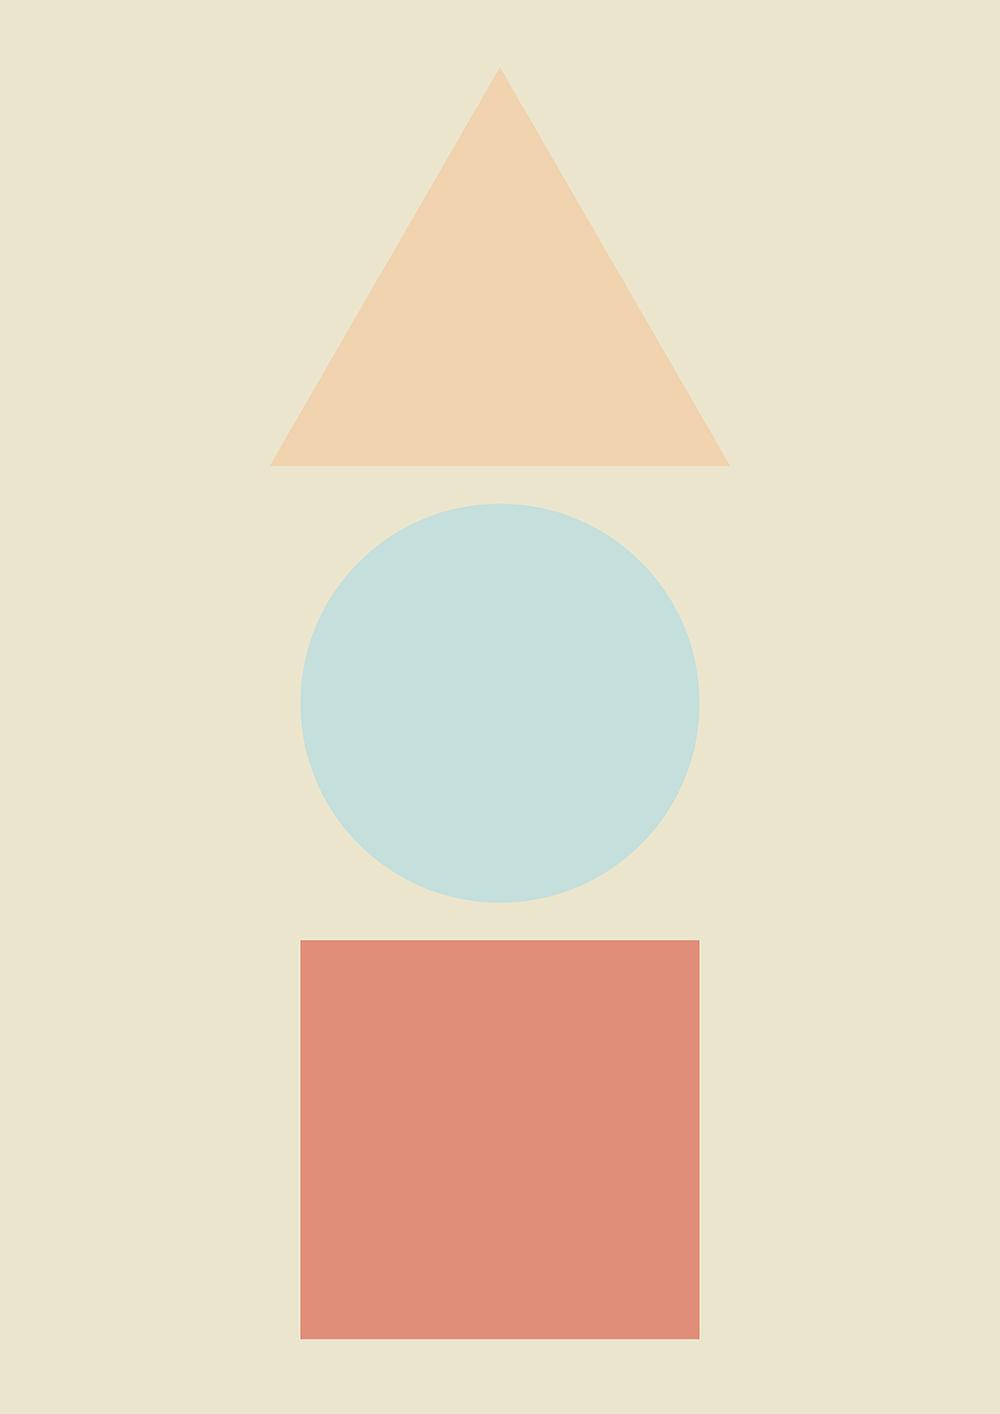 3 Shapes236.jpg